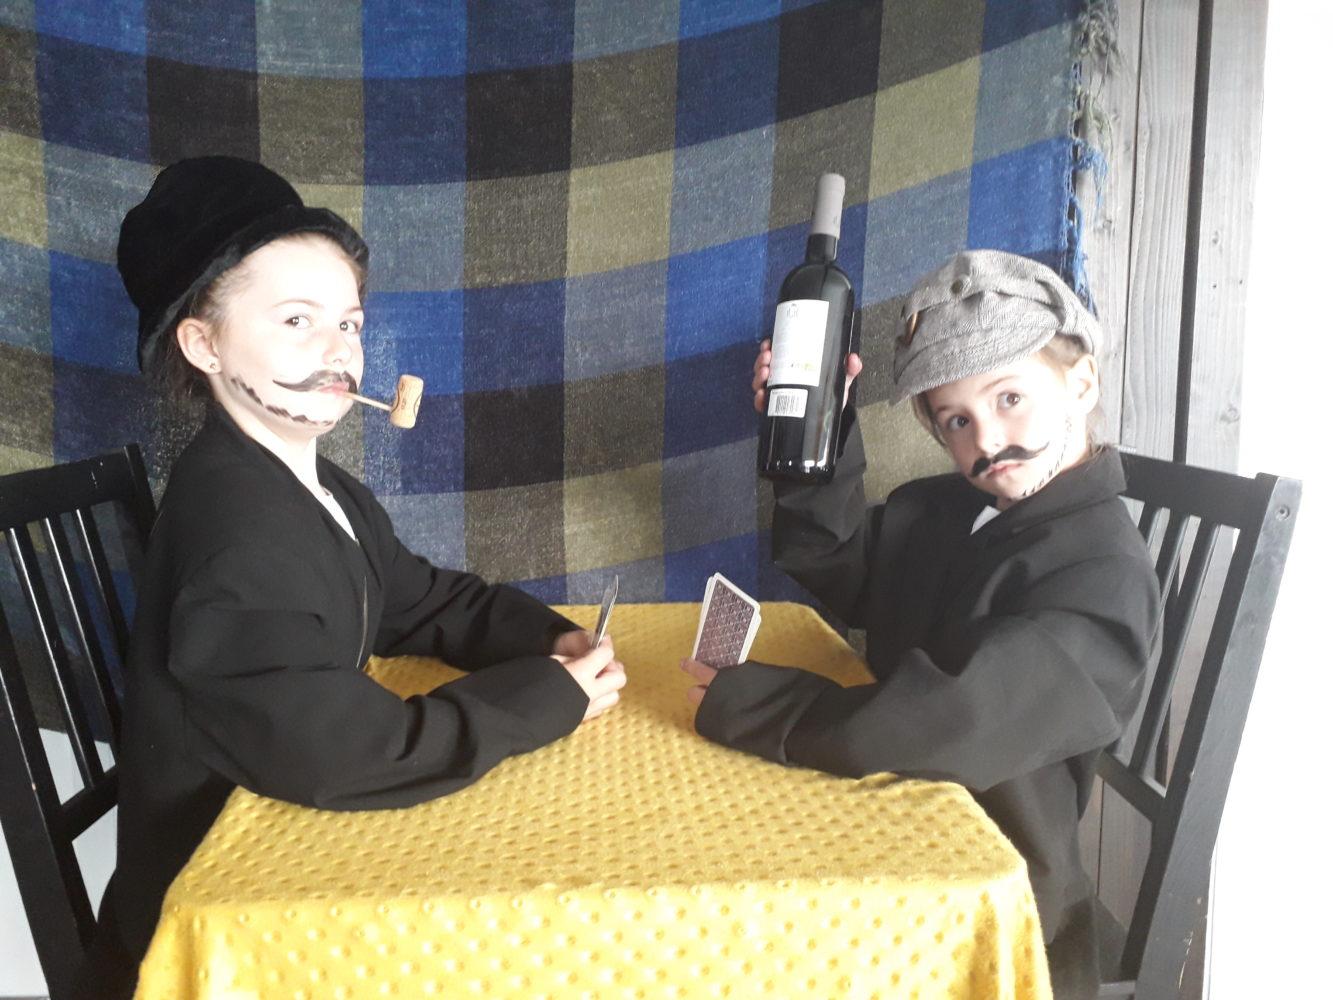 Les_Joueurs_de_cartes_-Paul_Cézanne_-_Bonus02_-__KLERVI